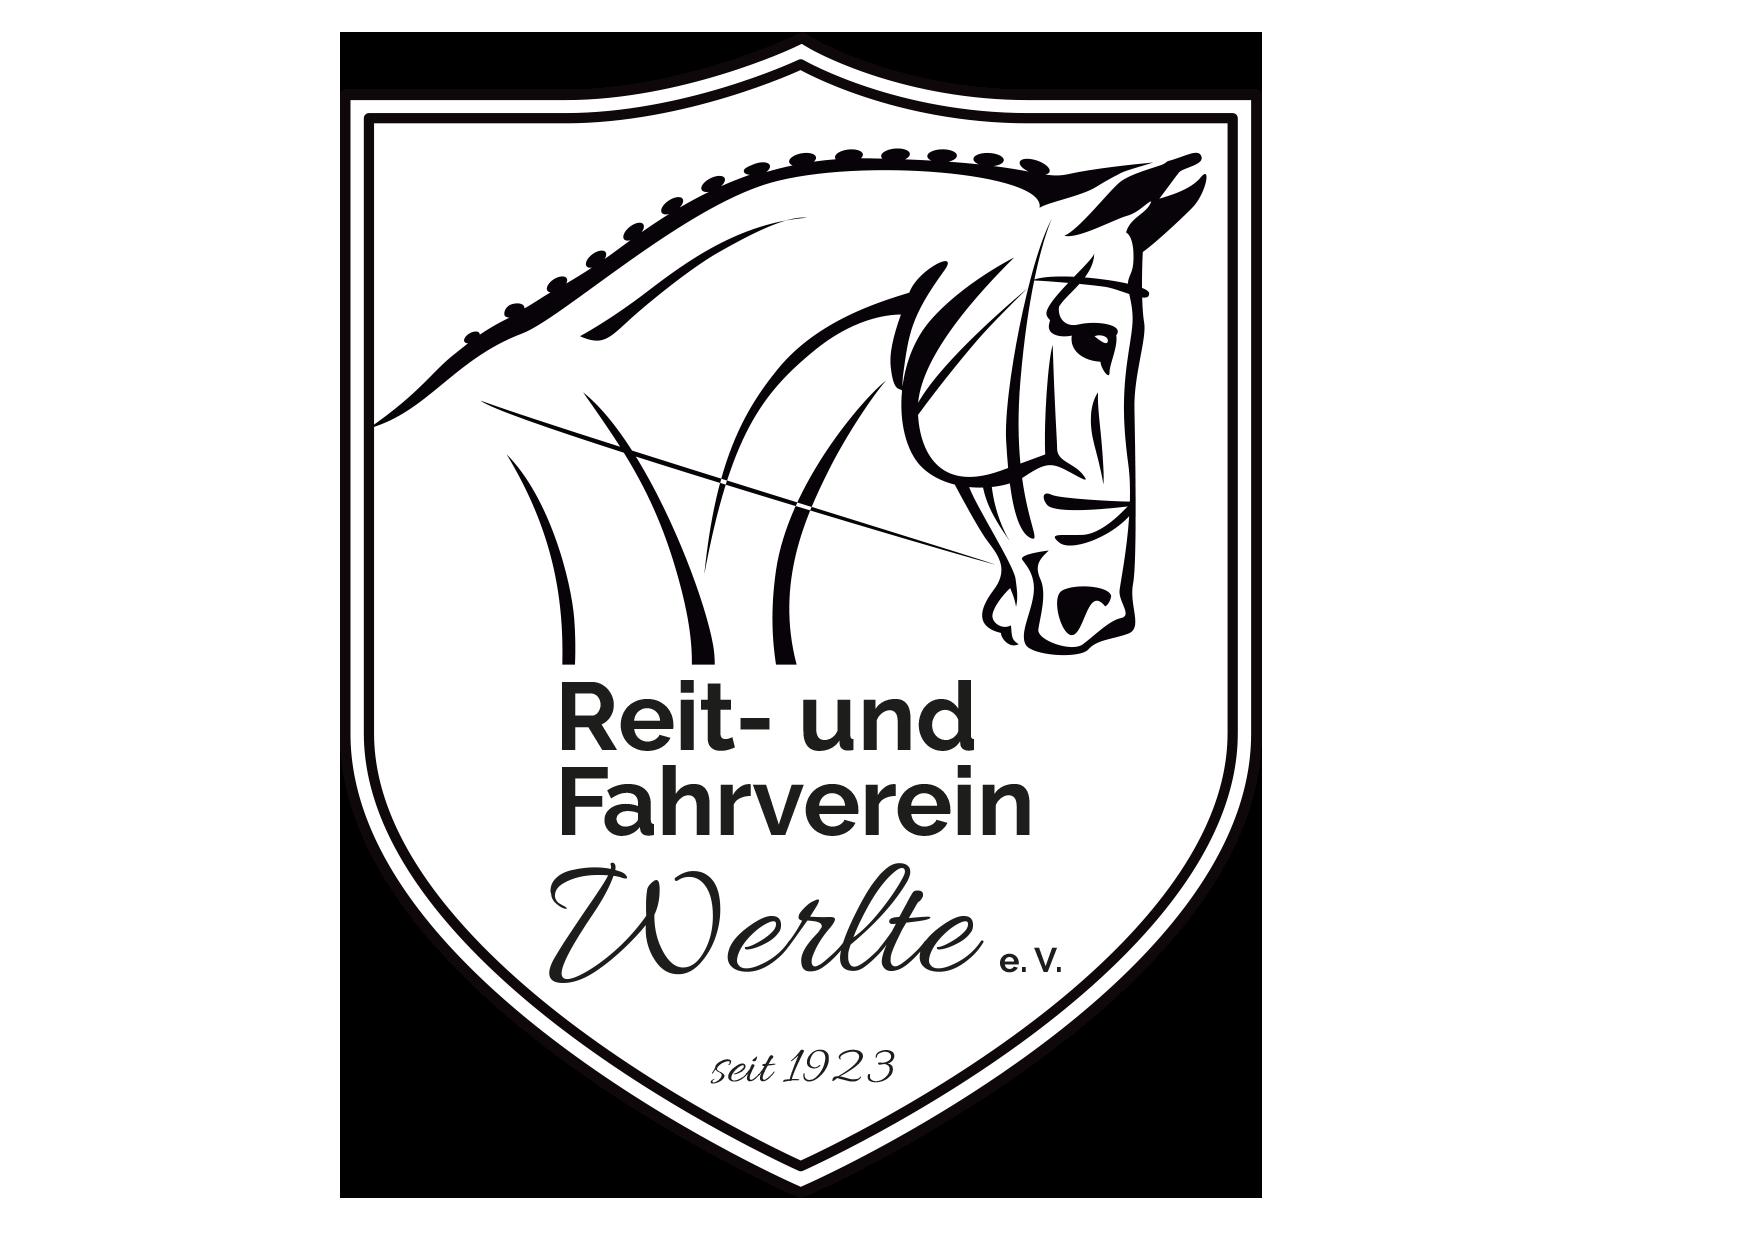 Reit und Fahrverein Werlte